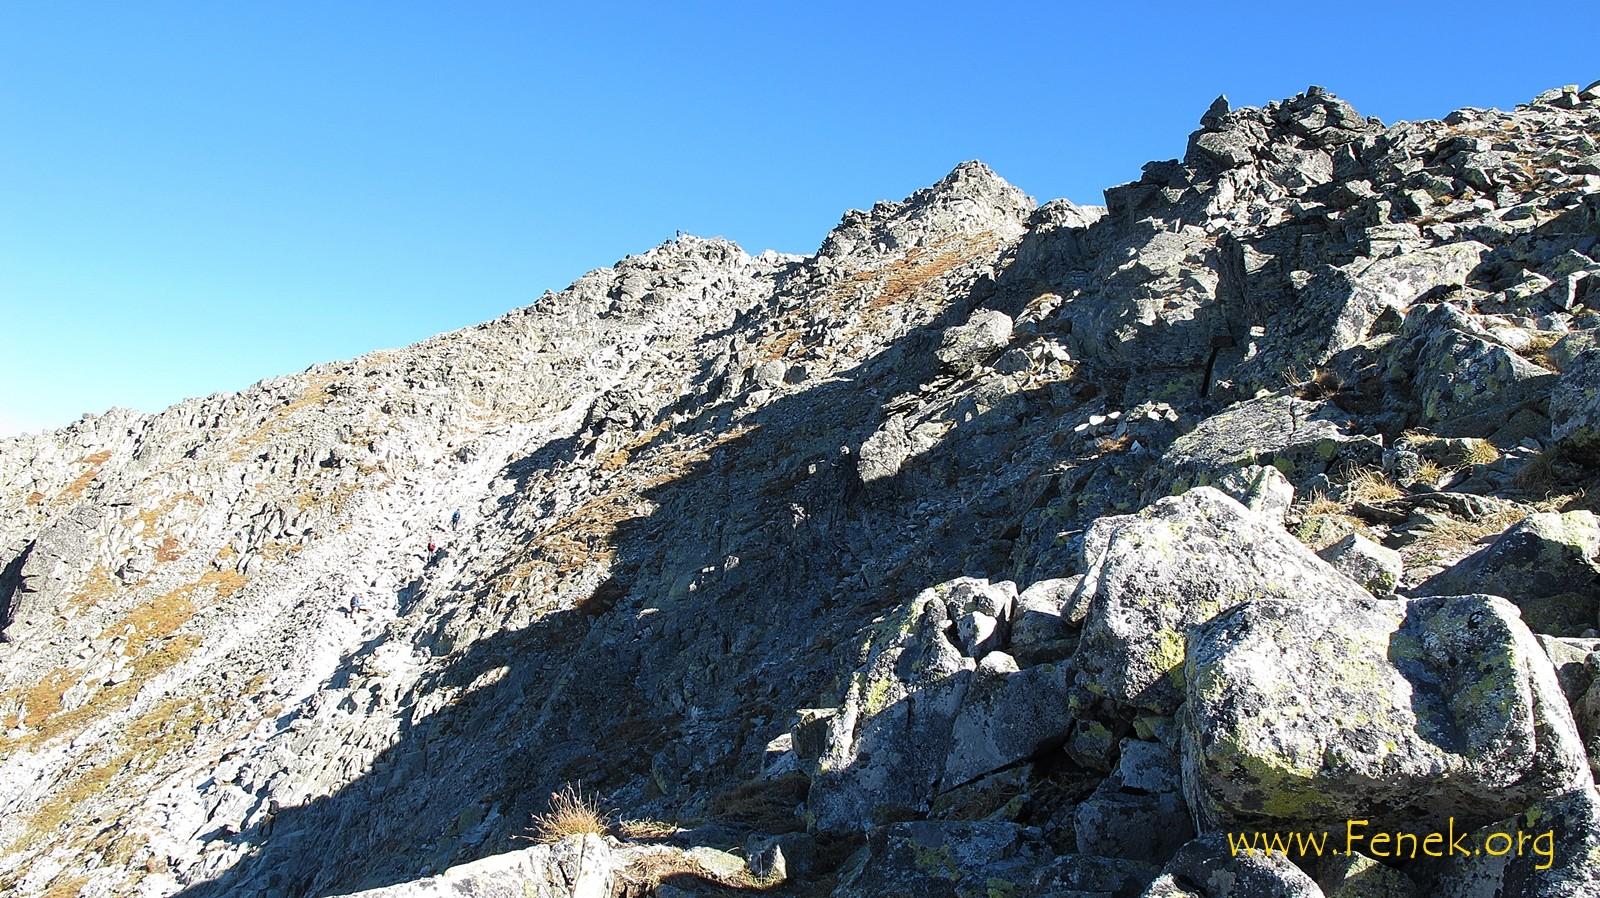 der Gipfel naht